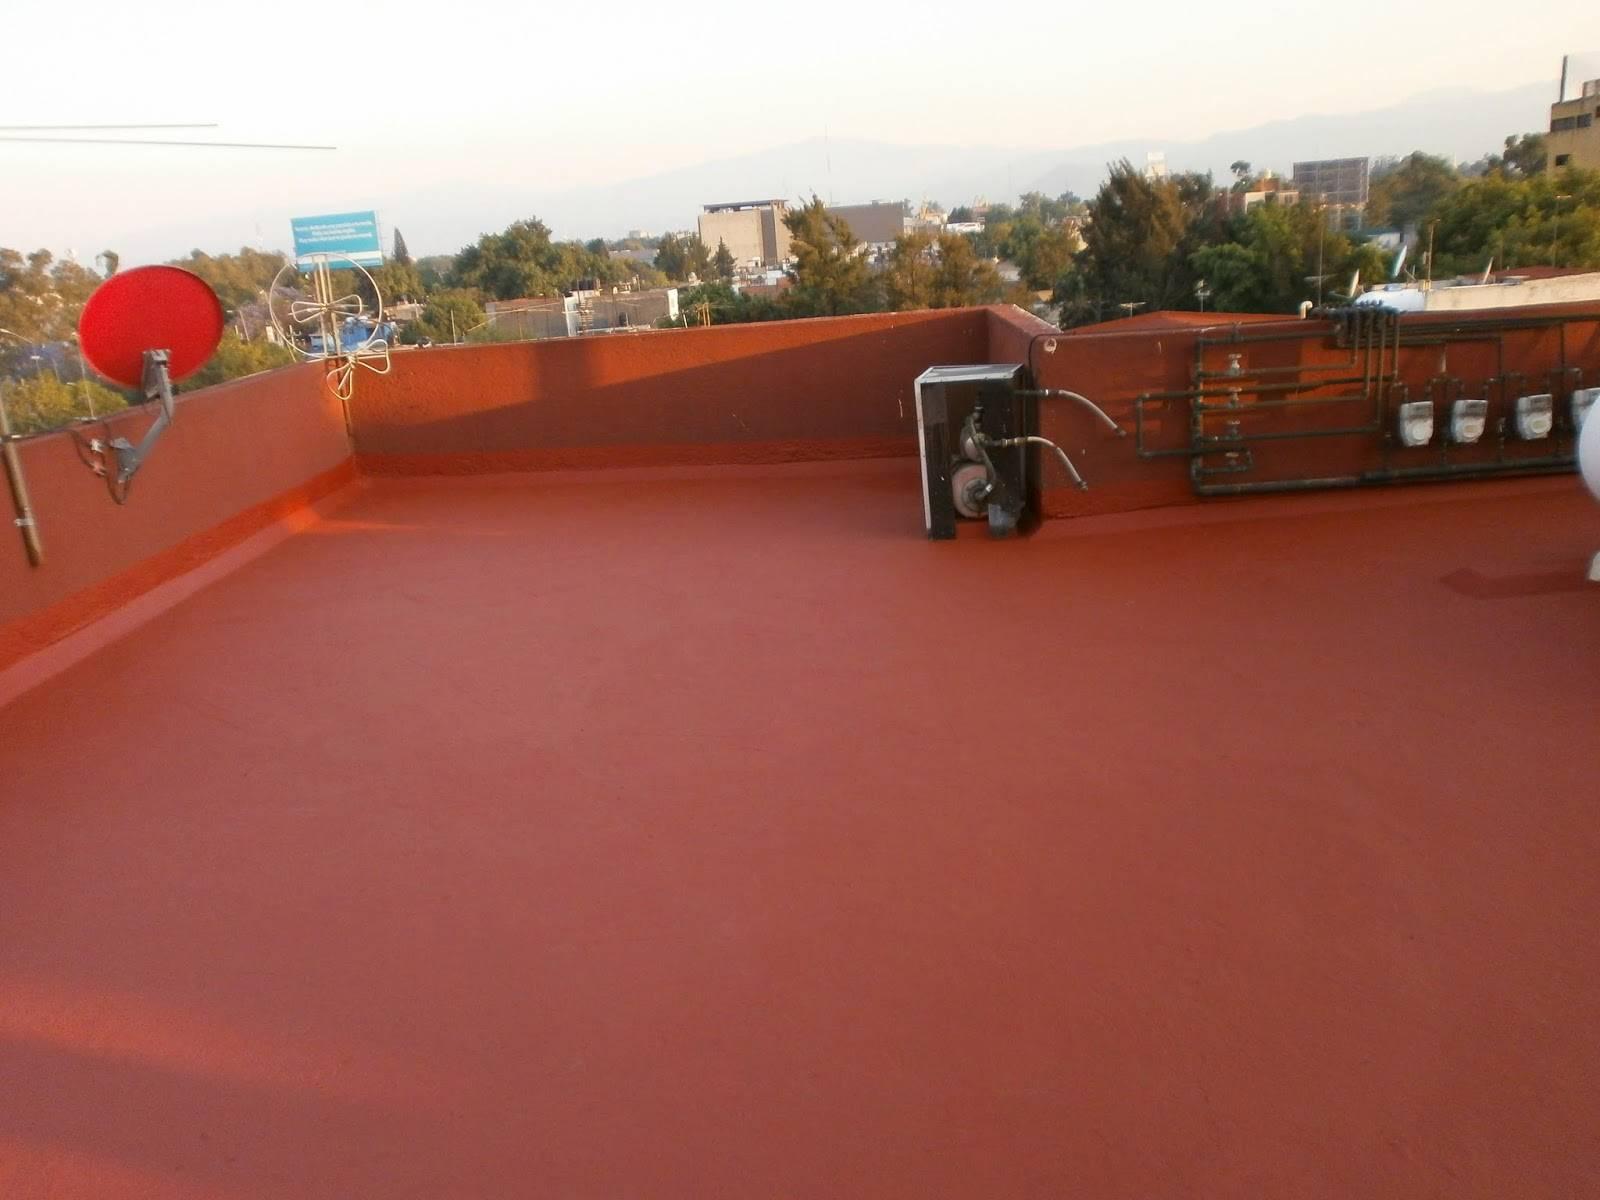 Peyma servicio de impermeabilizaci n de tejados peyma - Impermeabilizacion de tejados ...